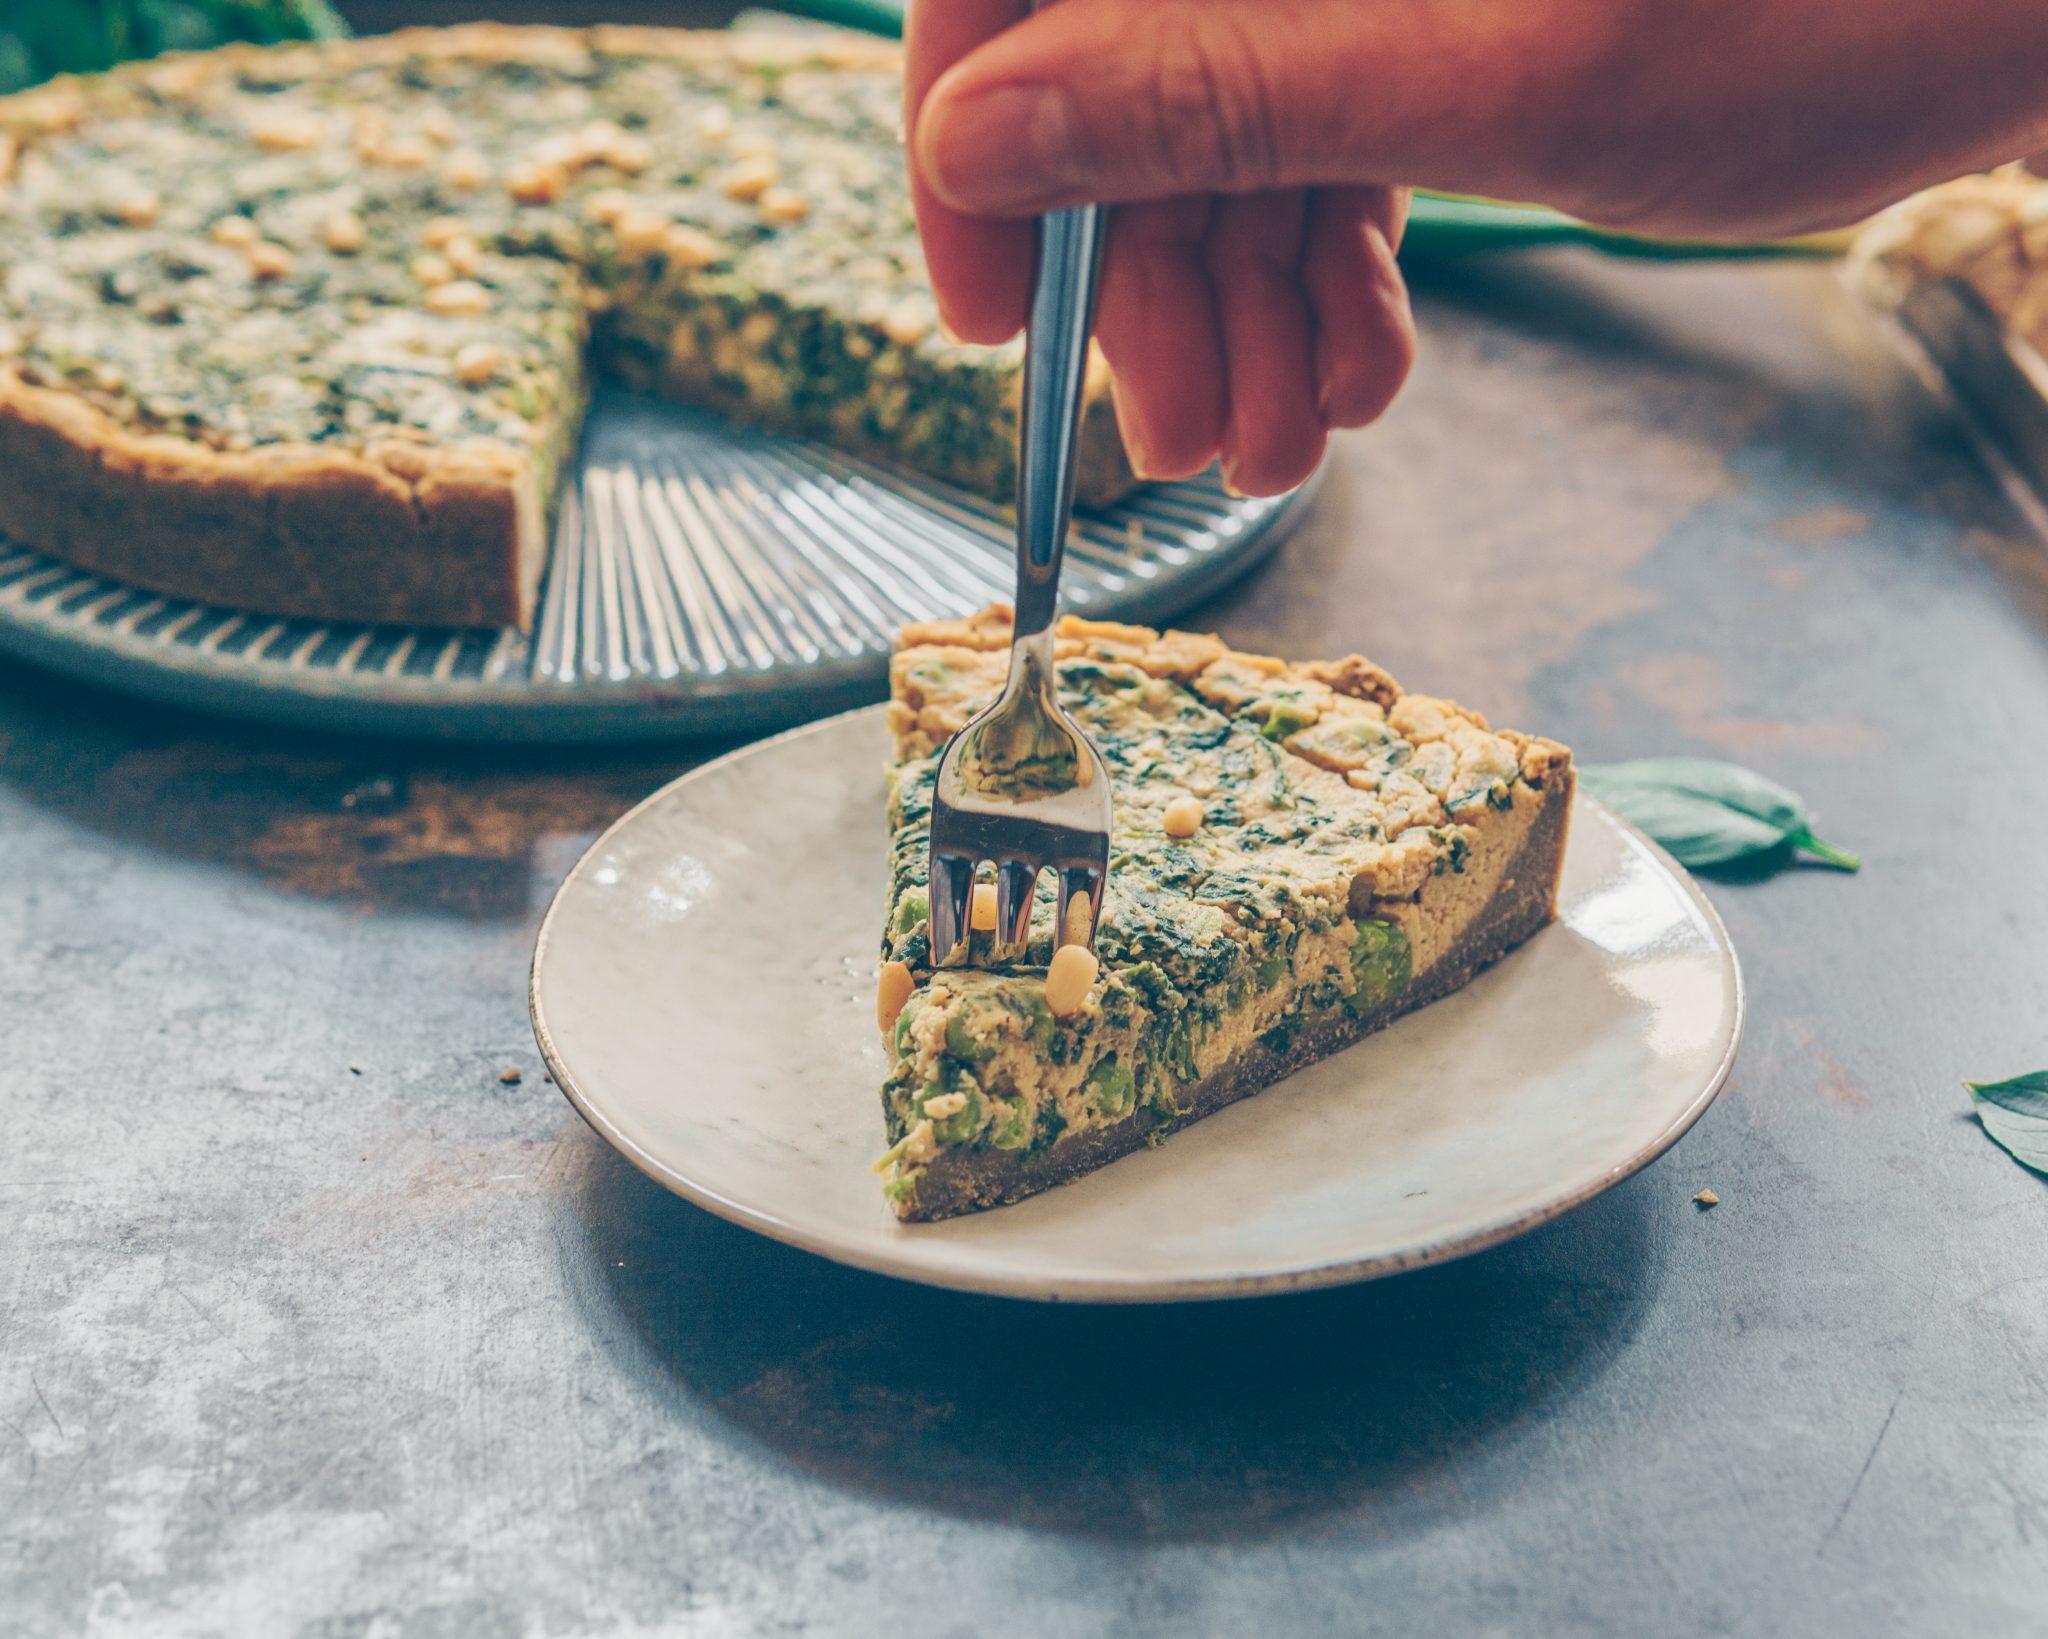 vegan spinach quiche - teff crust